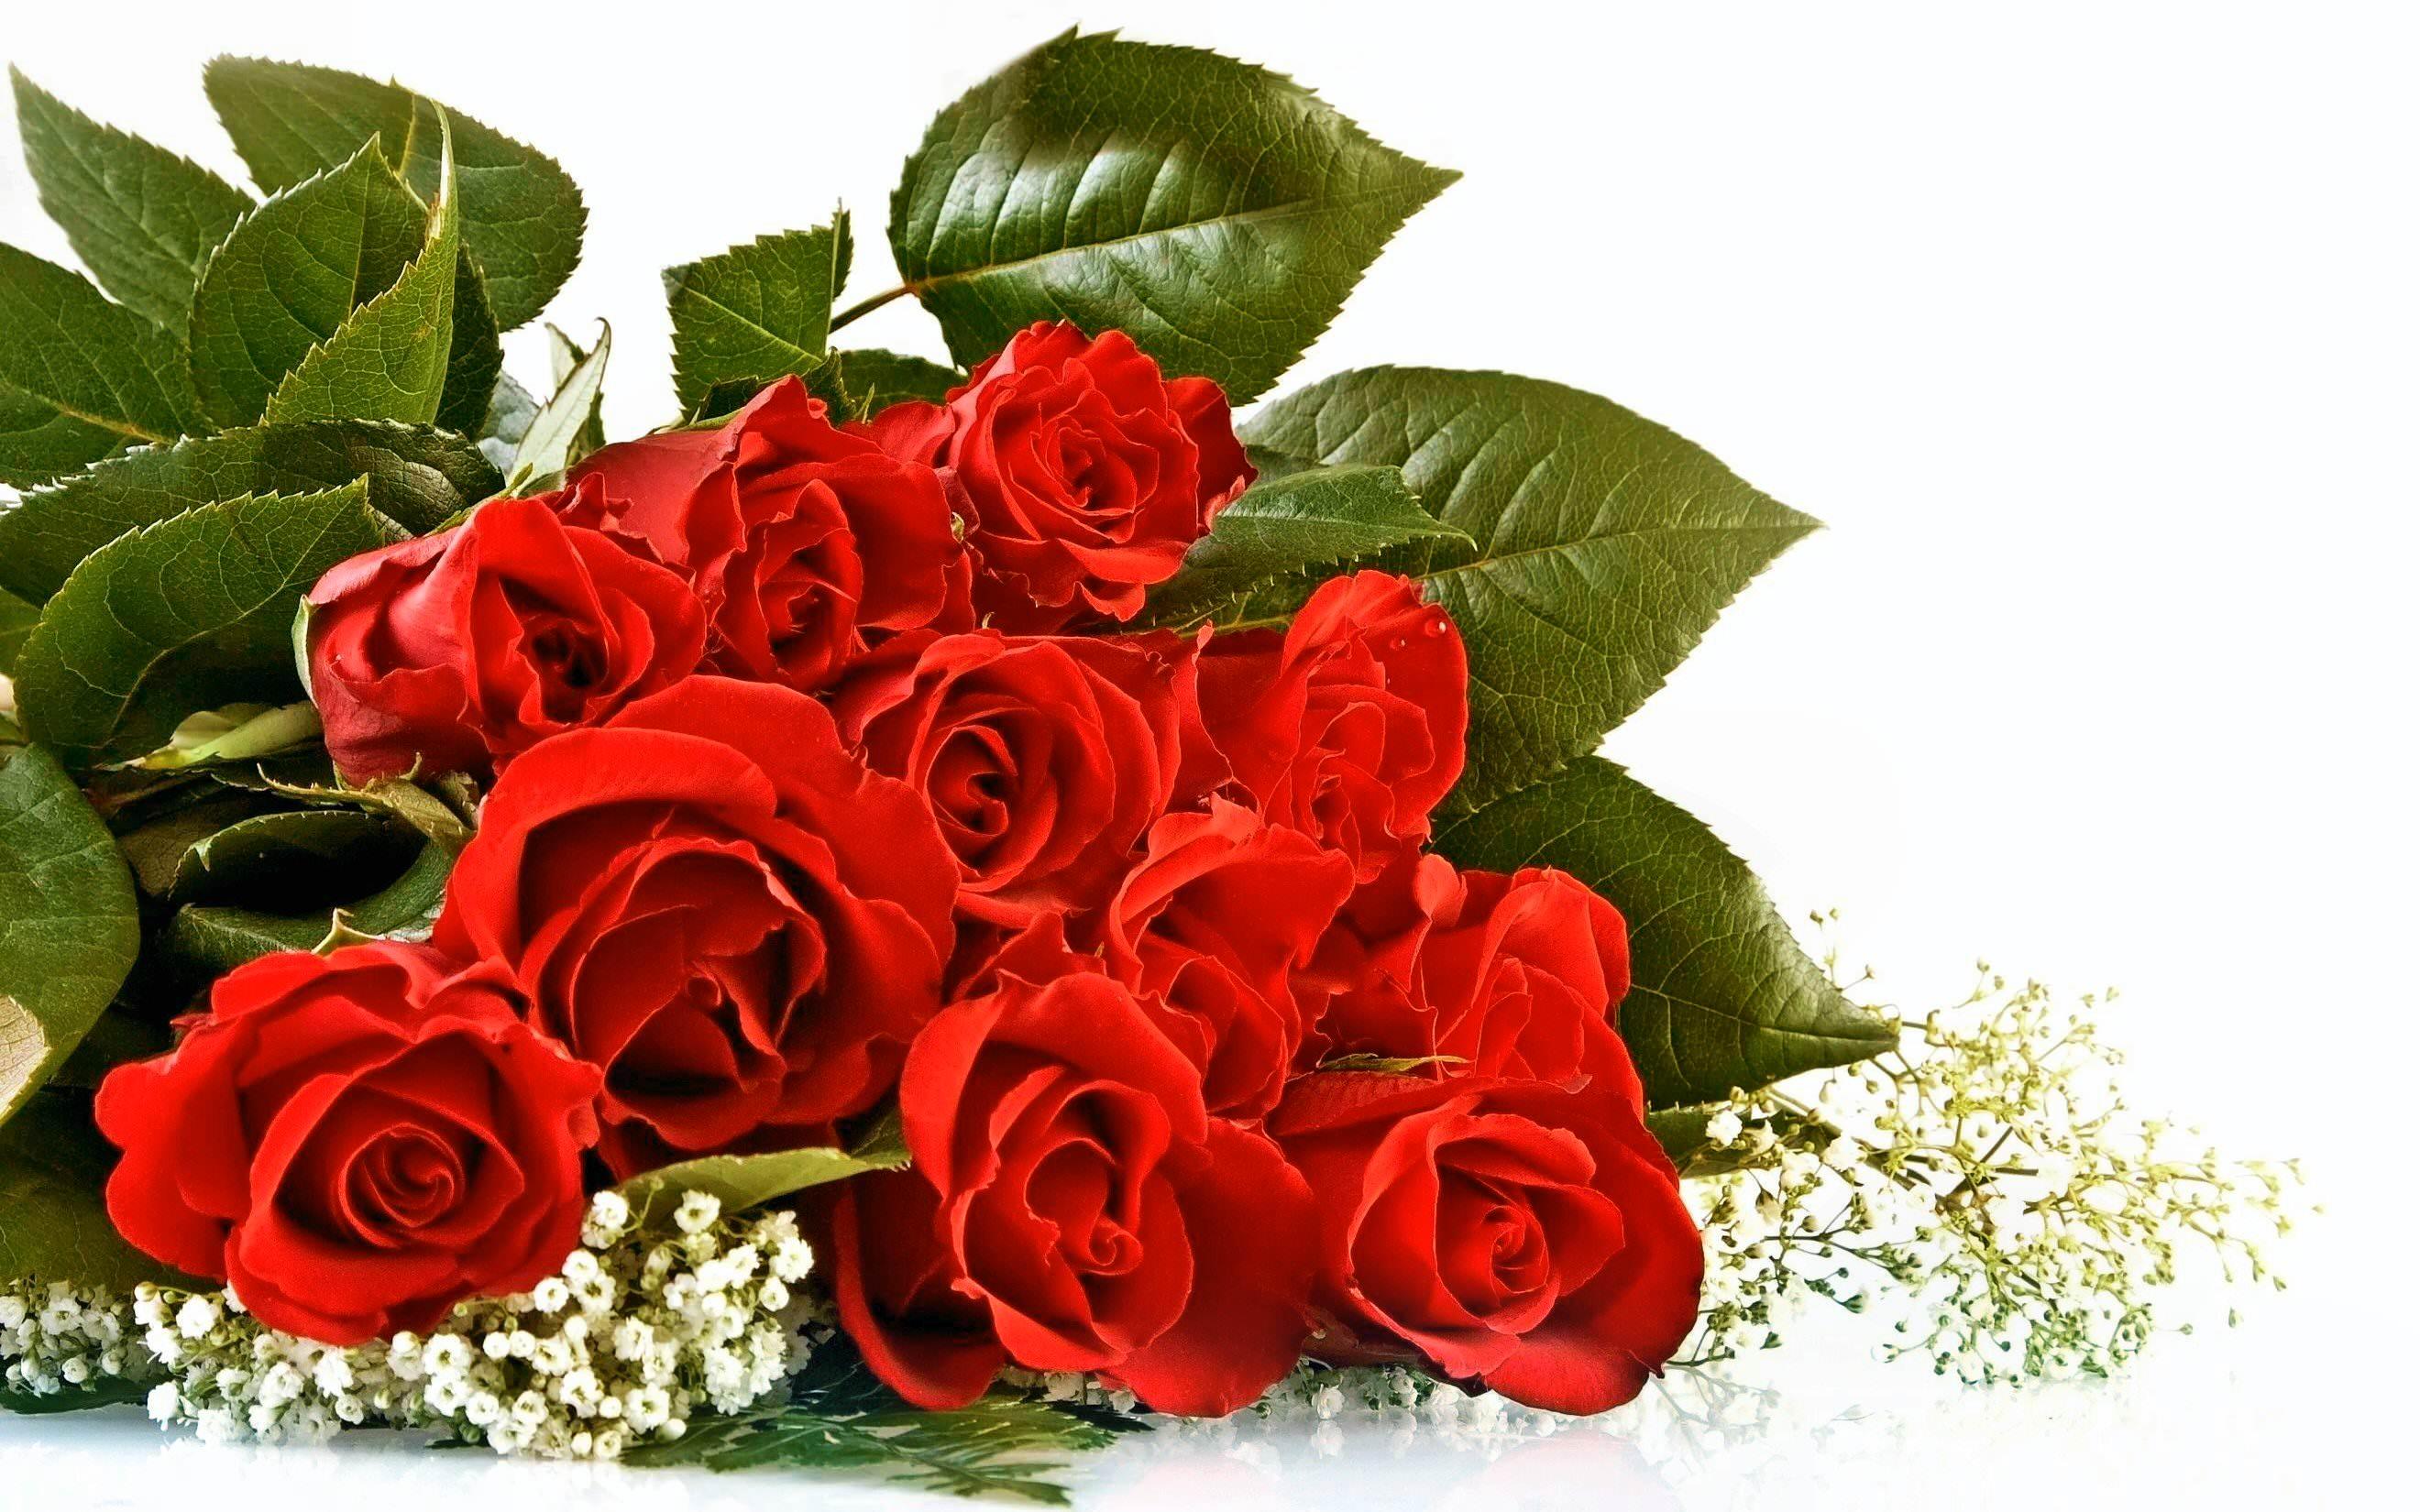 Valentine Red Rose Bouquet Background